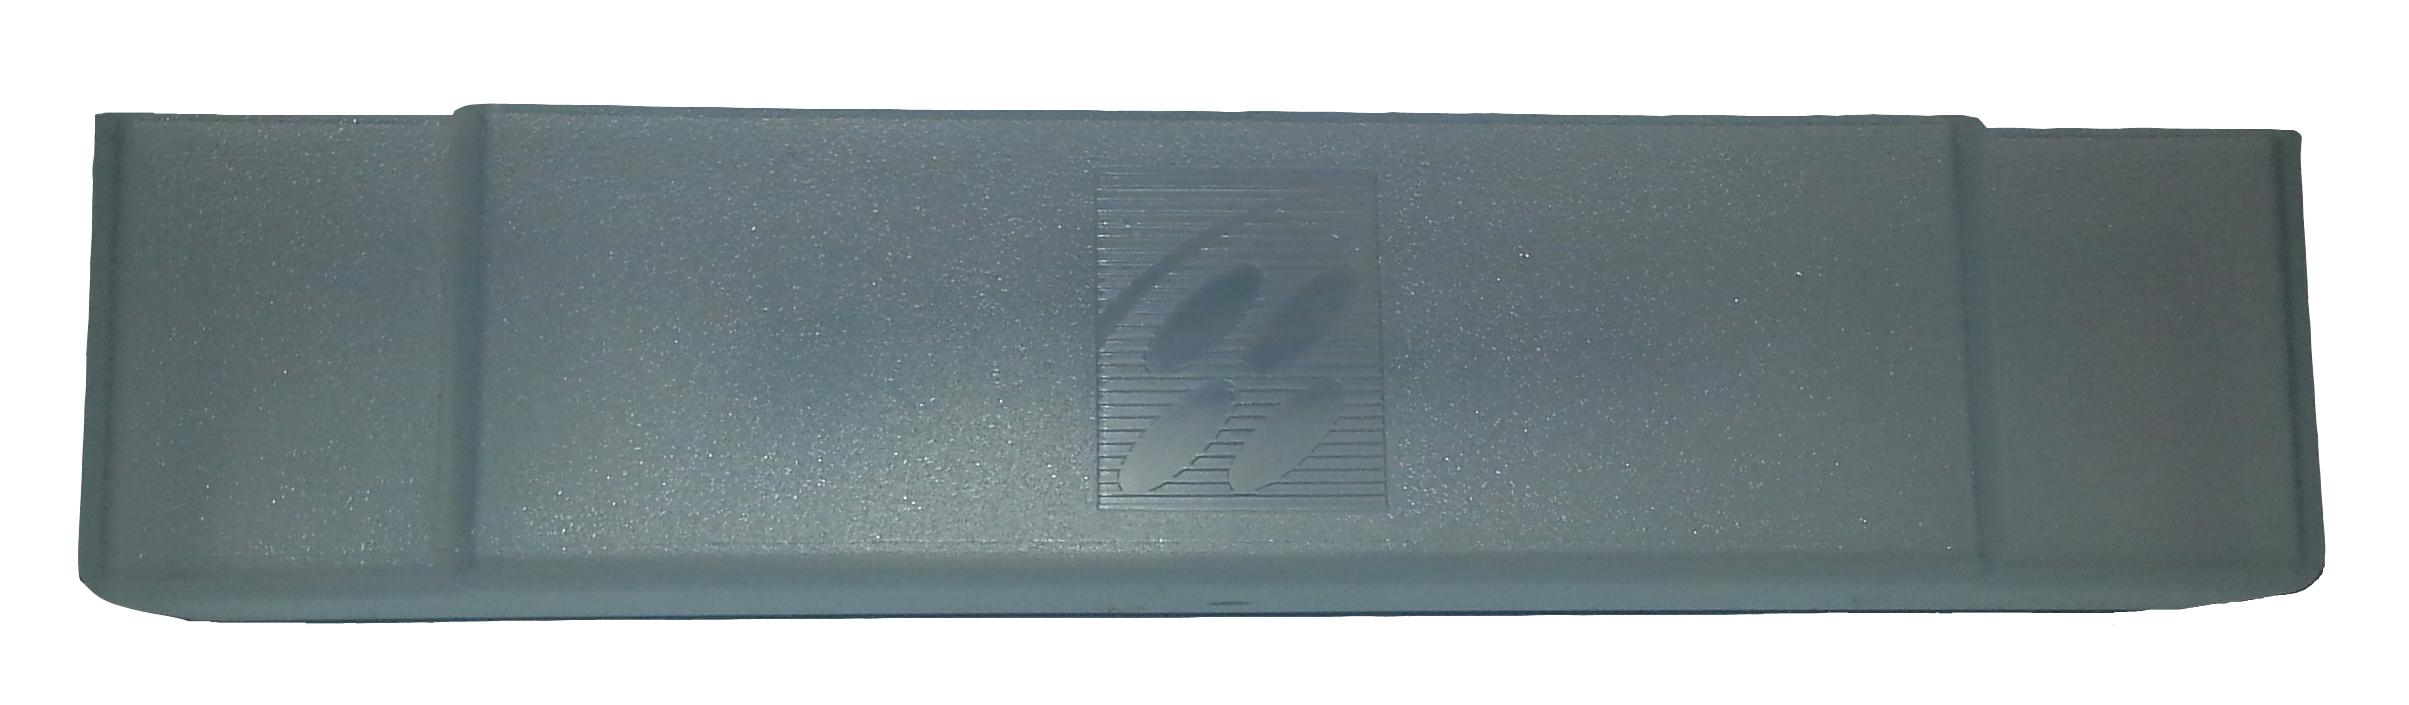 Plastic Dust Cover